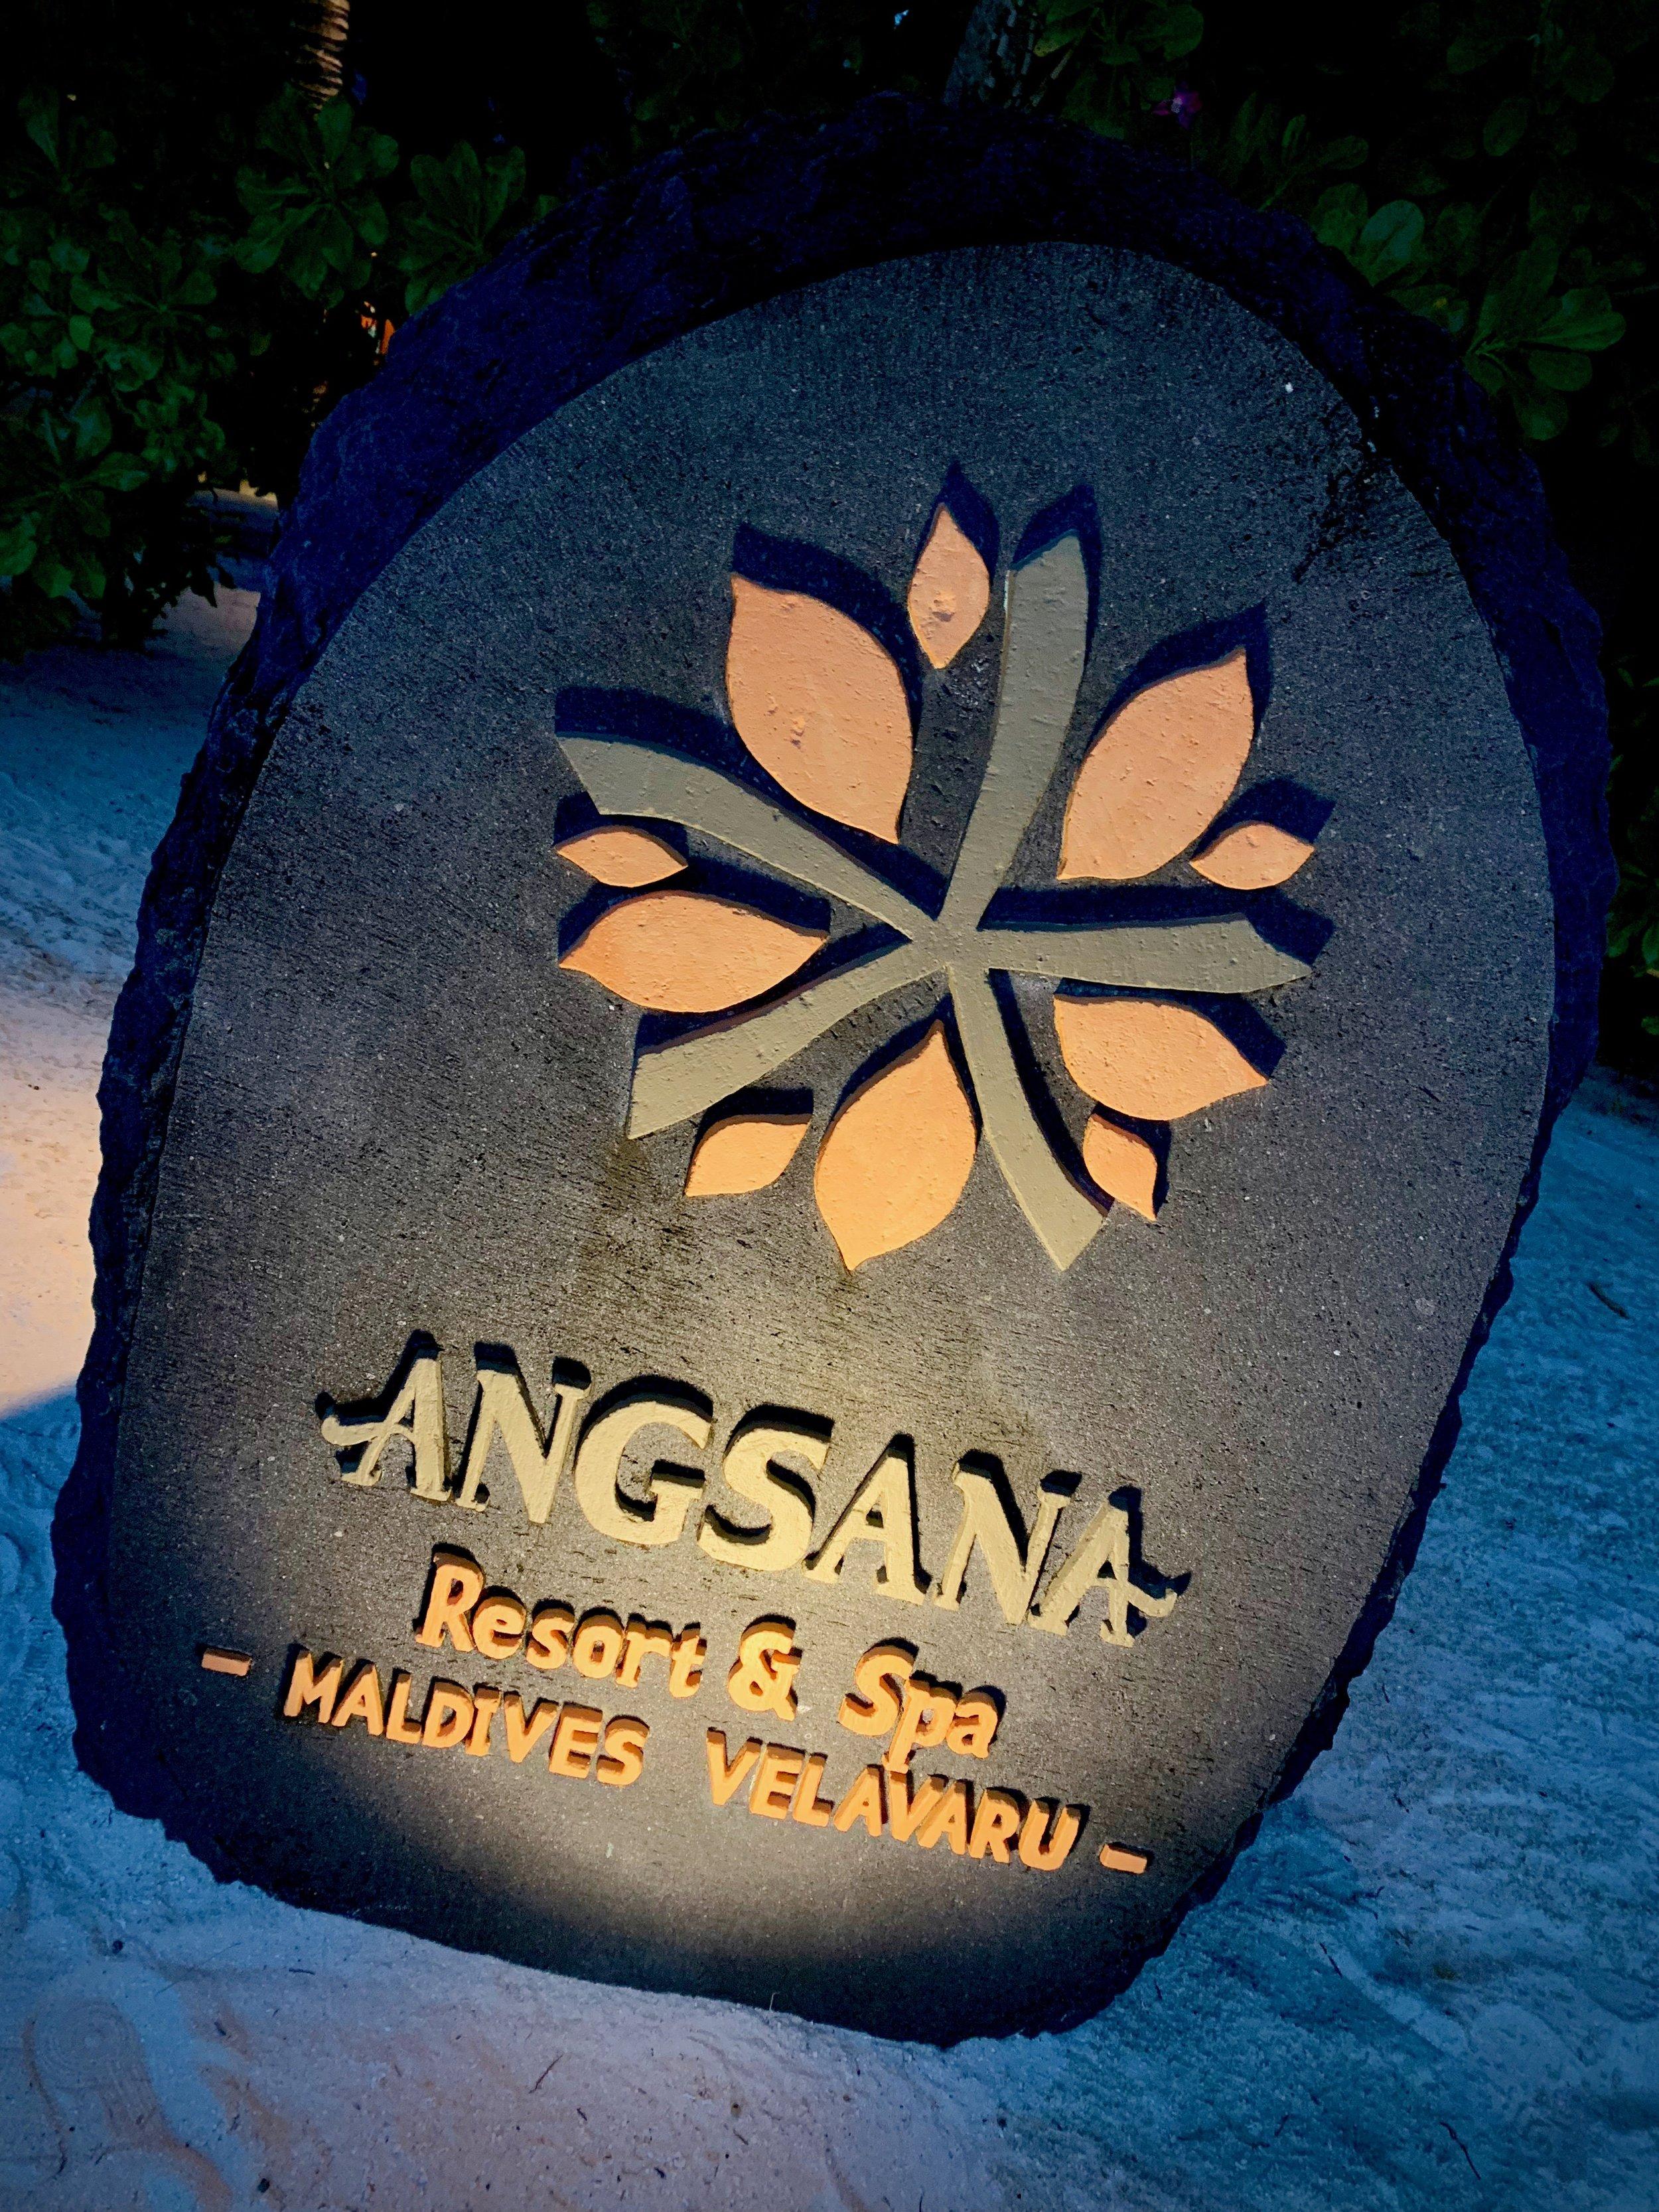 Angsana_Velavaru_23.jpg